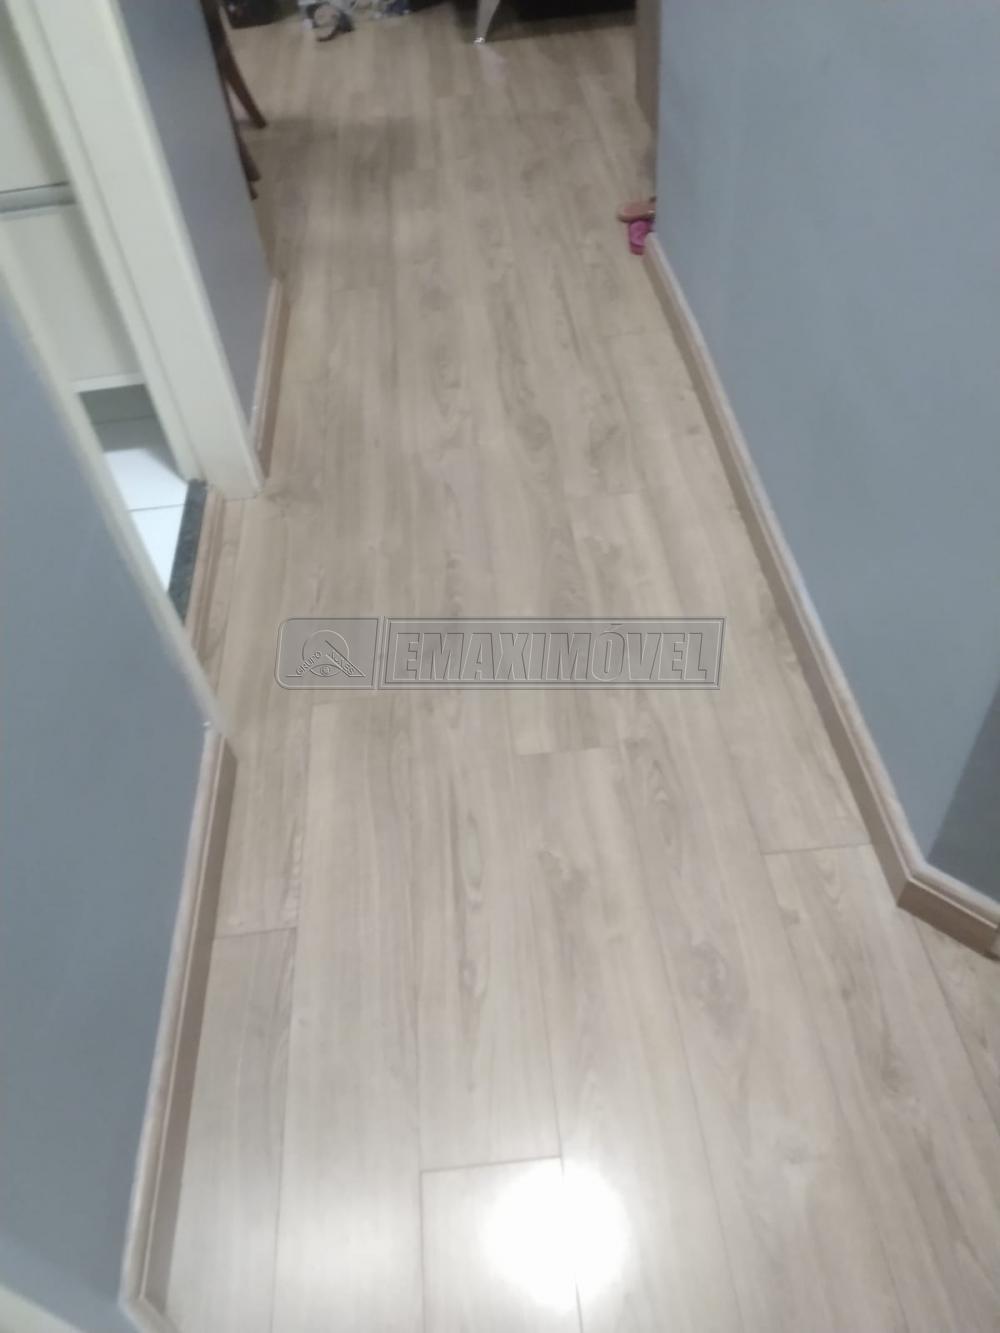 Comprar Apartamento / Padrão em Sorocaba R$ 345.000,00 - Foto 4